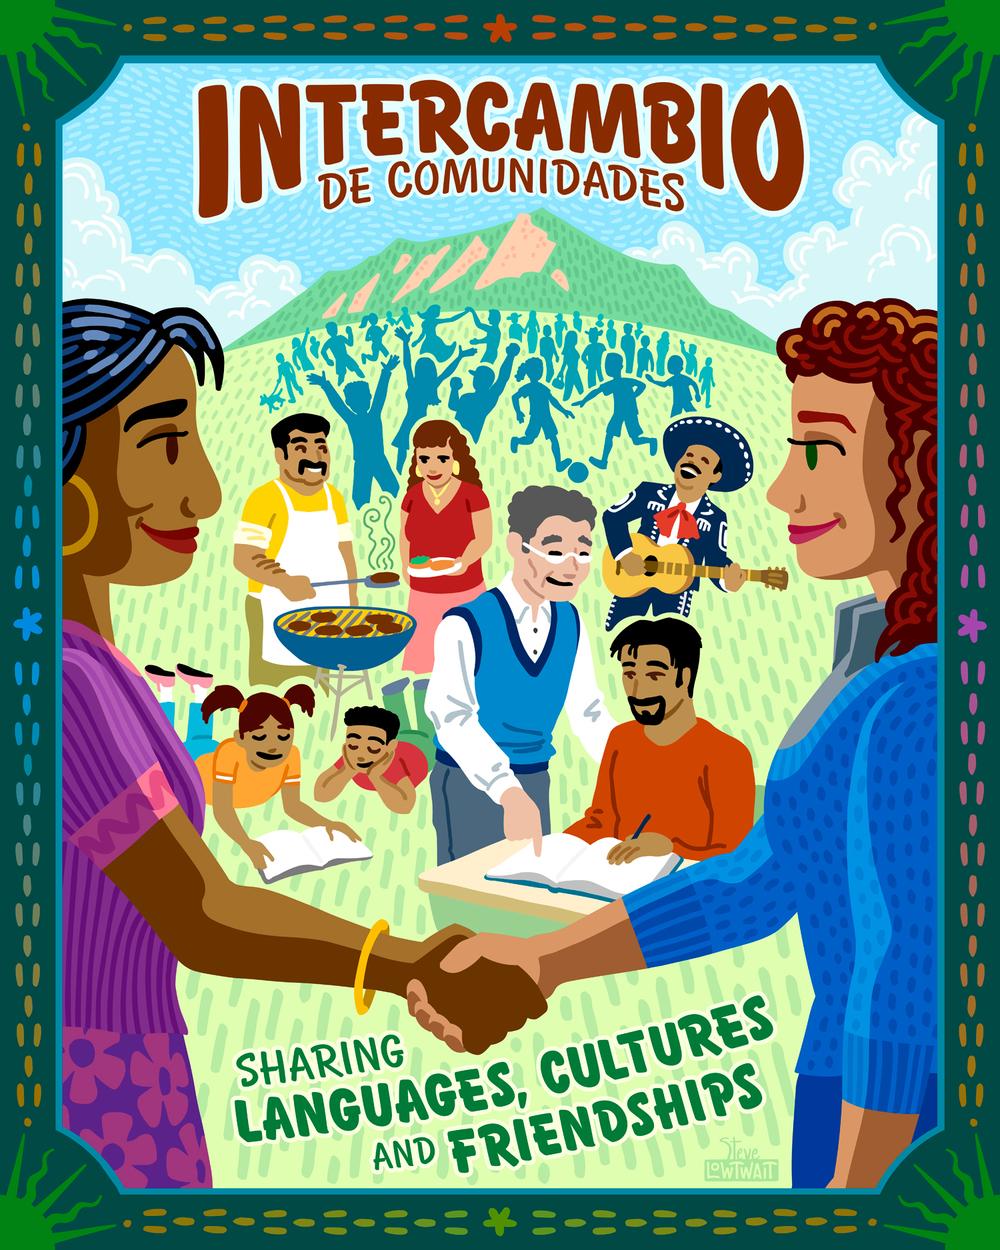 Intercambio De Comunidades•Commissioned to support multicultural community. Client: Intercambio